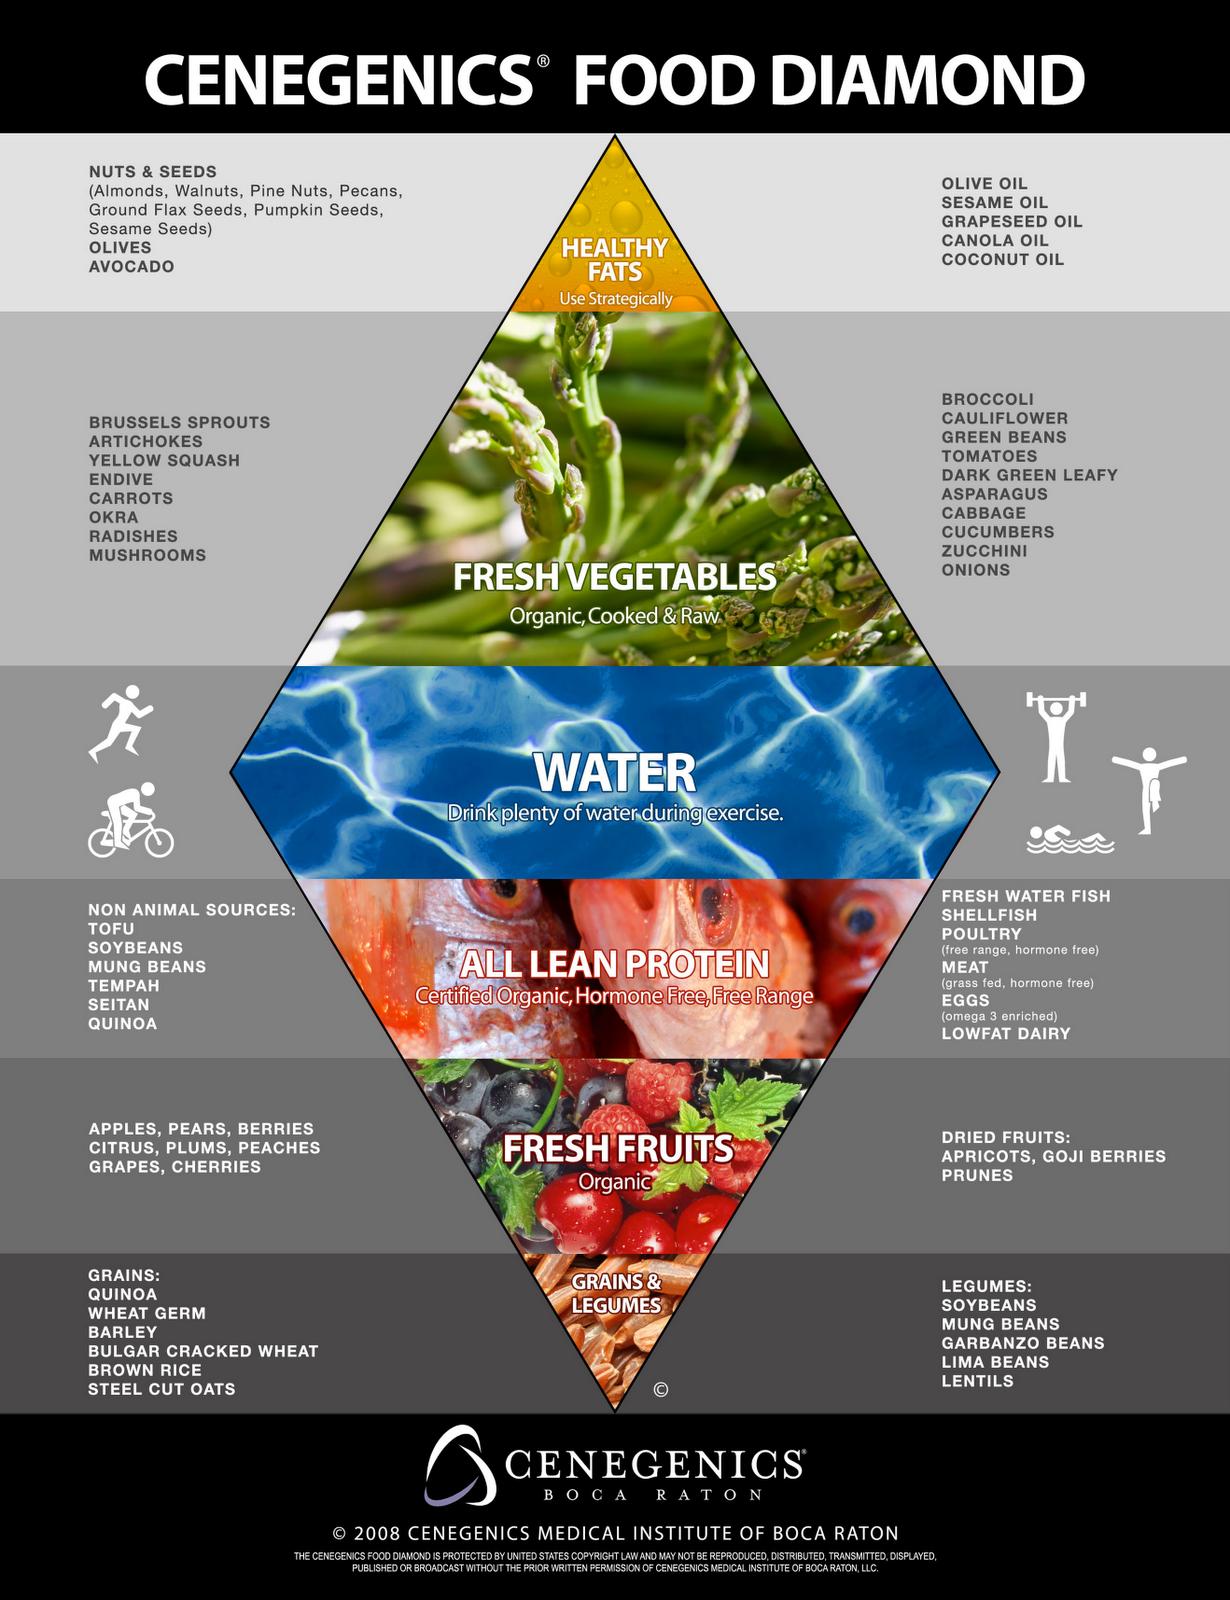 Cenegenics_Food Diamond